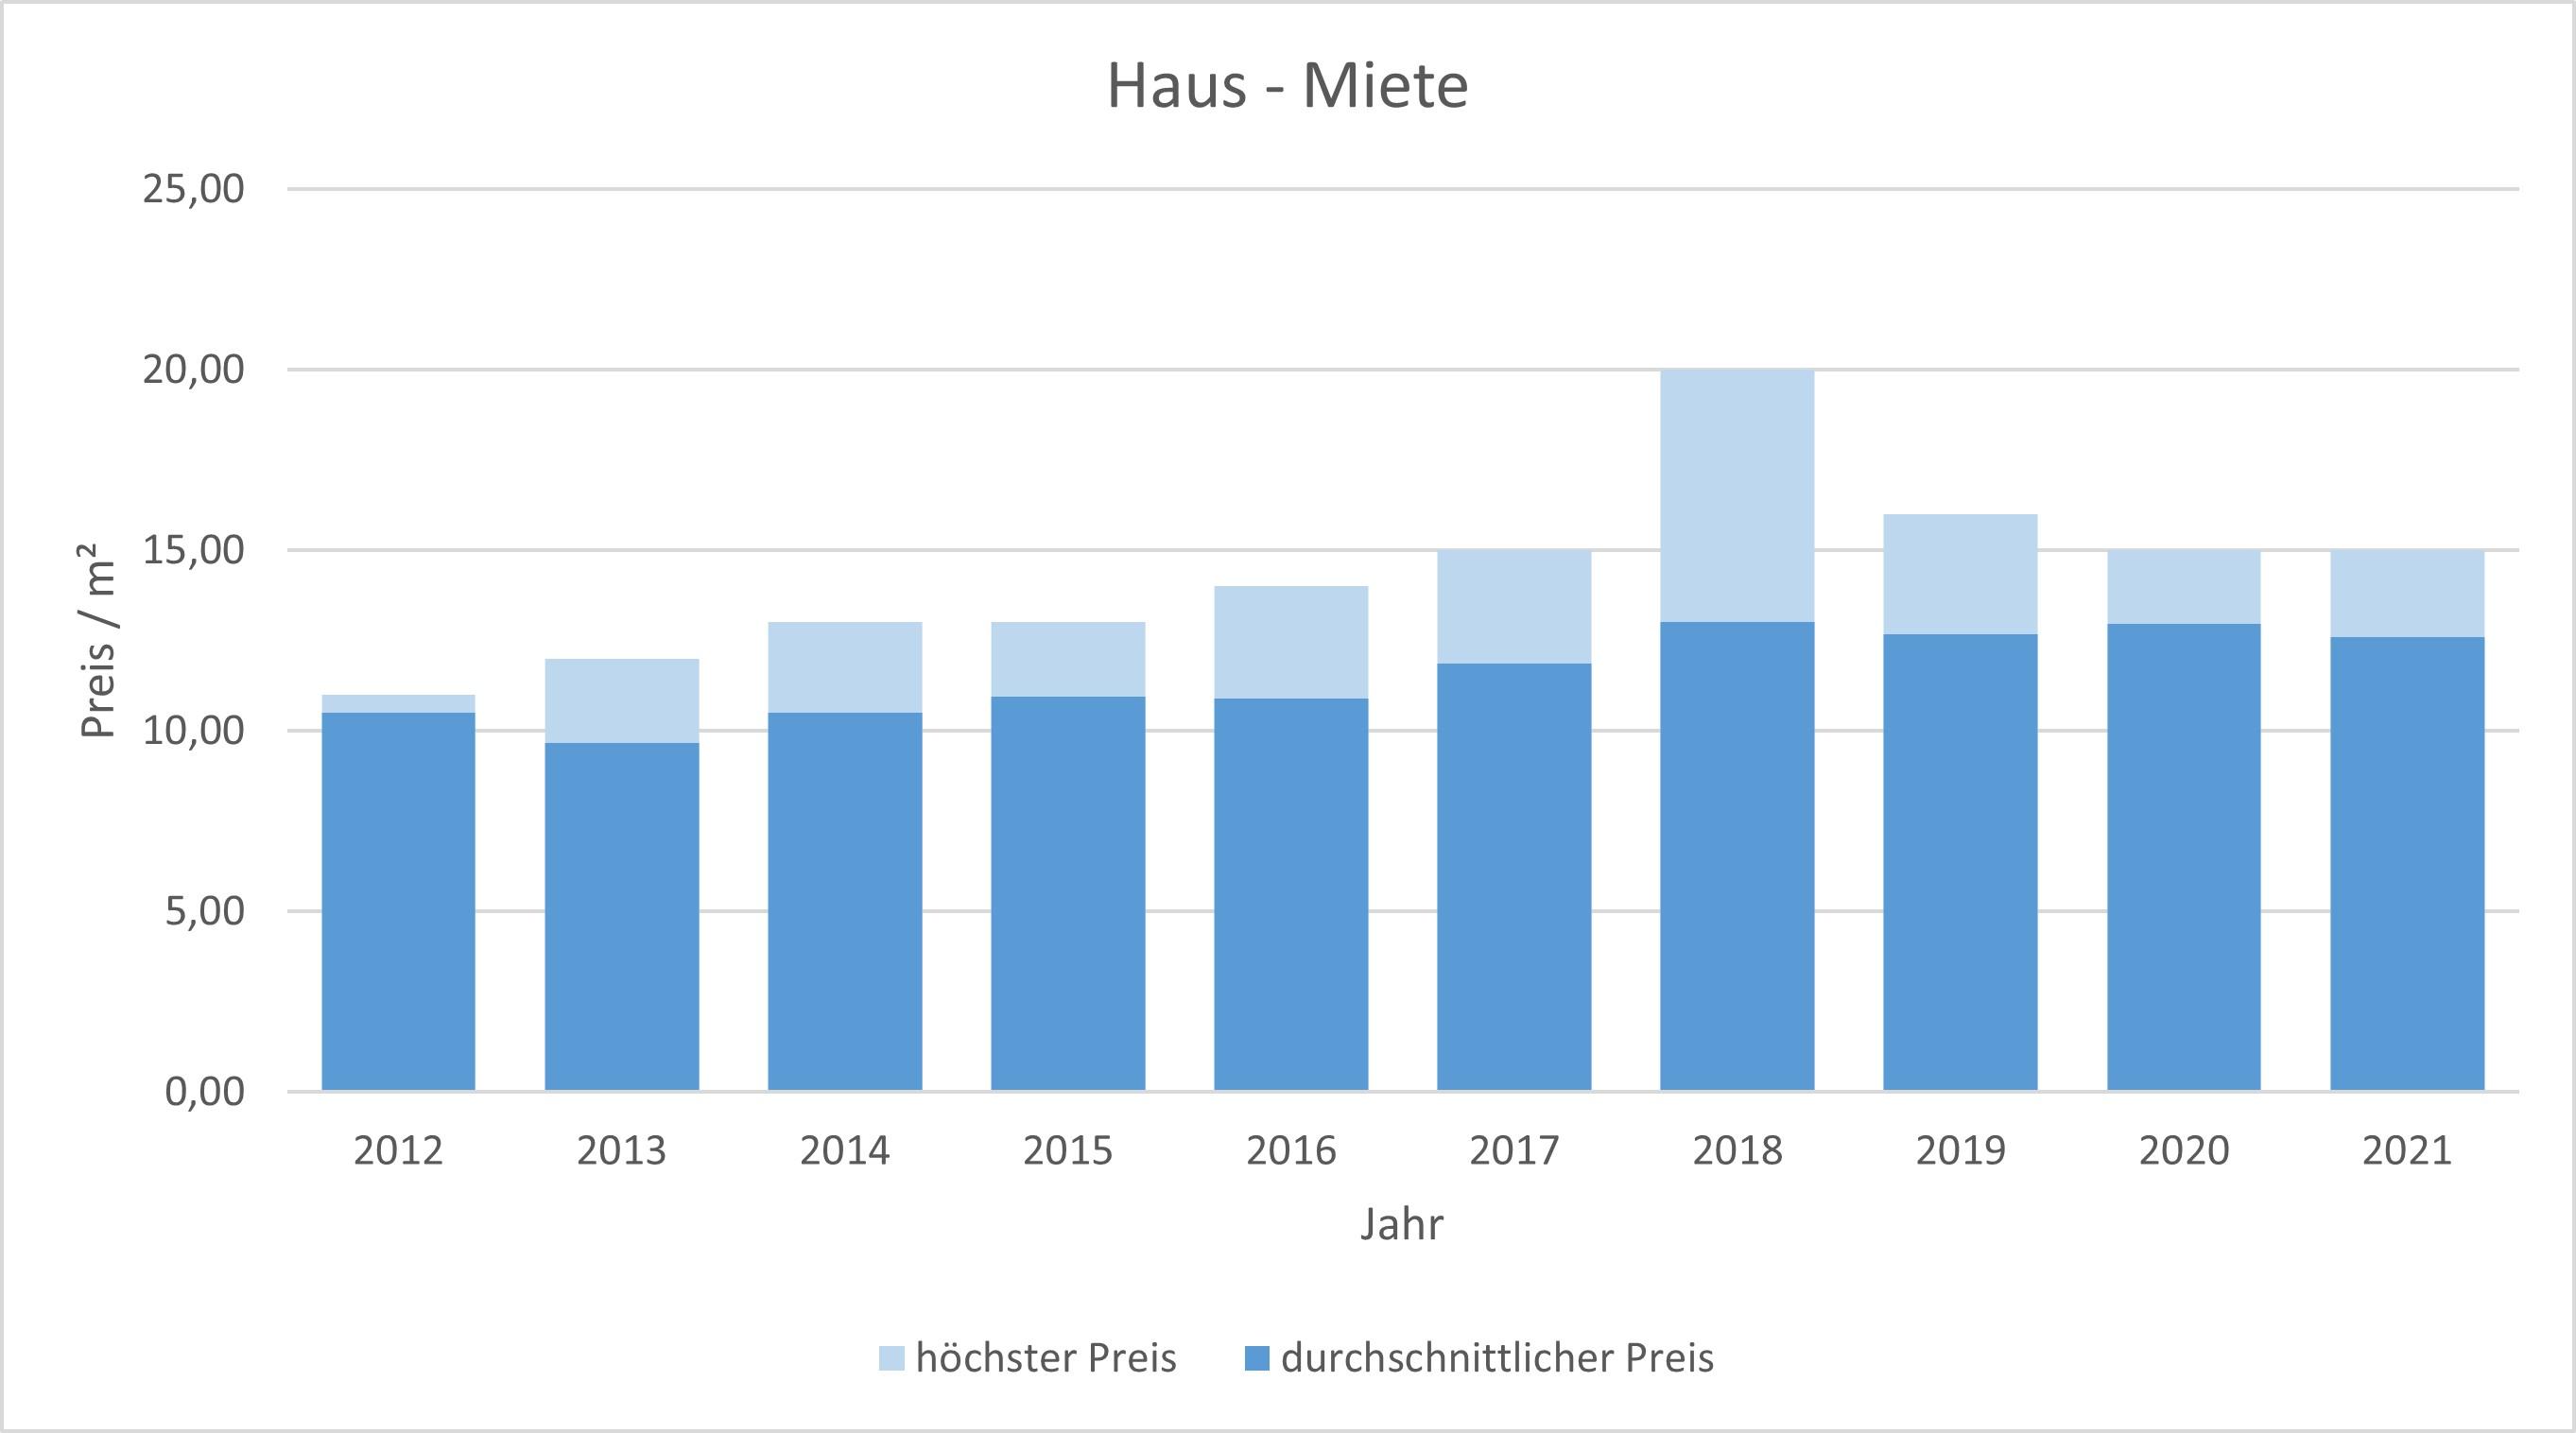 Pliening Landsham Haus mieten vermieten Preis Bewertung Makler www.happy-immo.de 2019 2020 2021